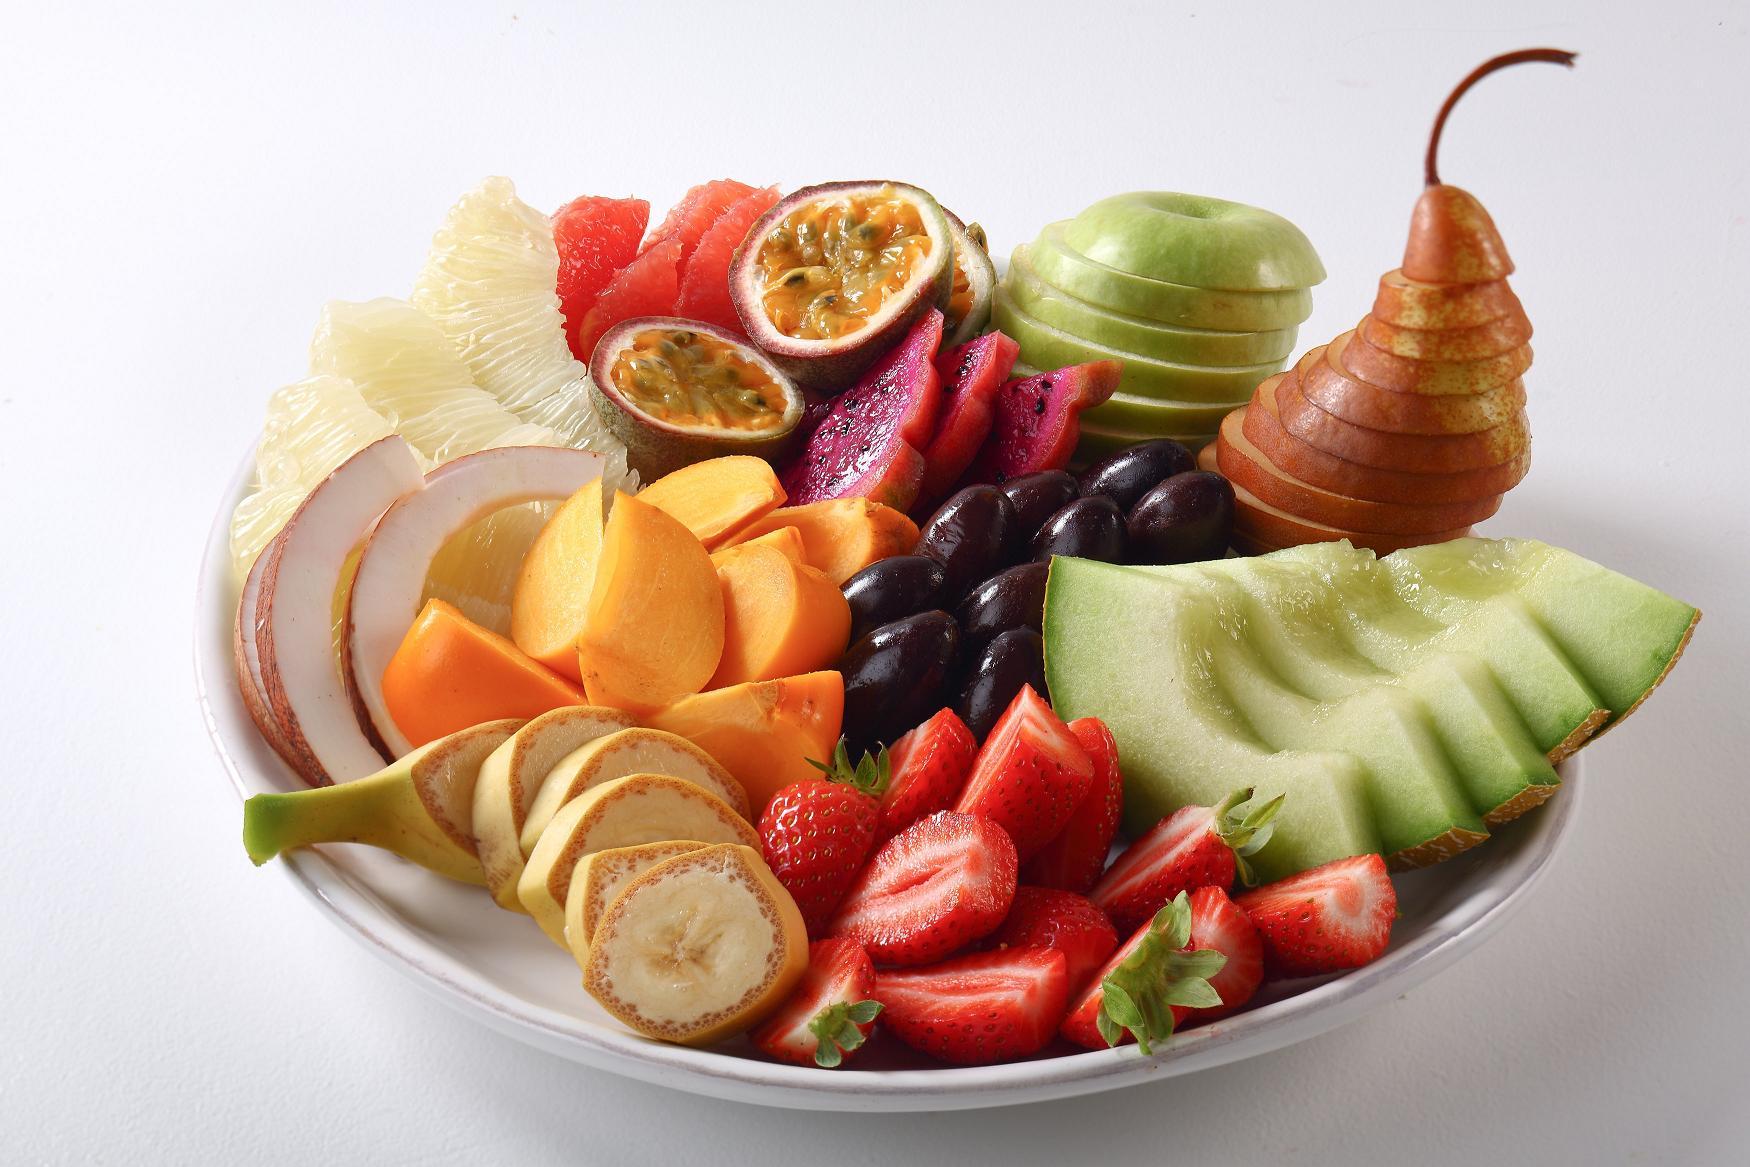 """פירות העונה קלופים, חתוכים ומוכנים לאכילה. מתוקה """"רום סרוויס"""""""